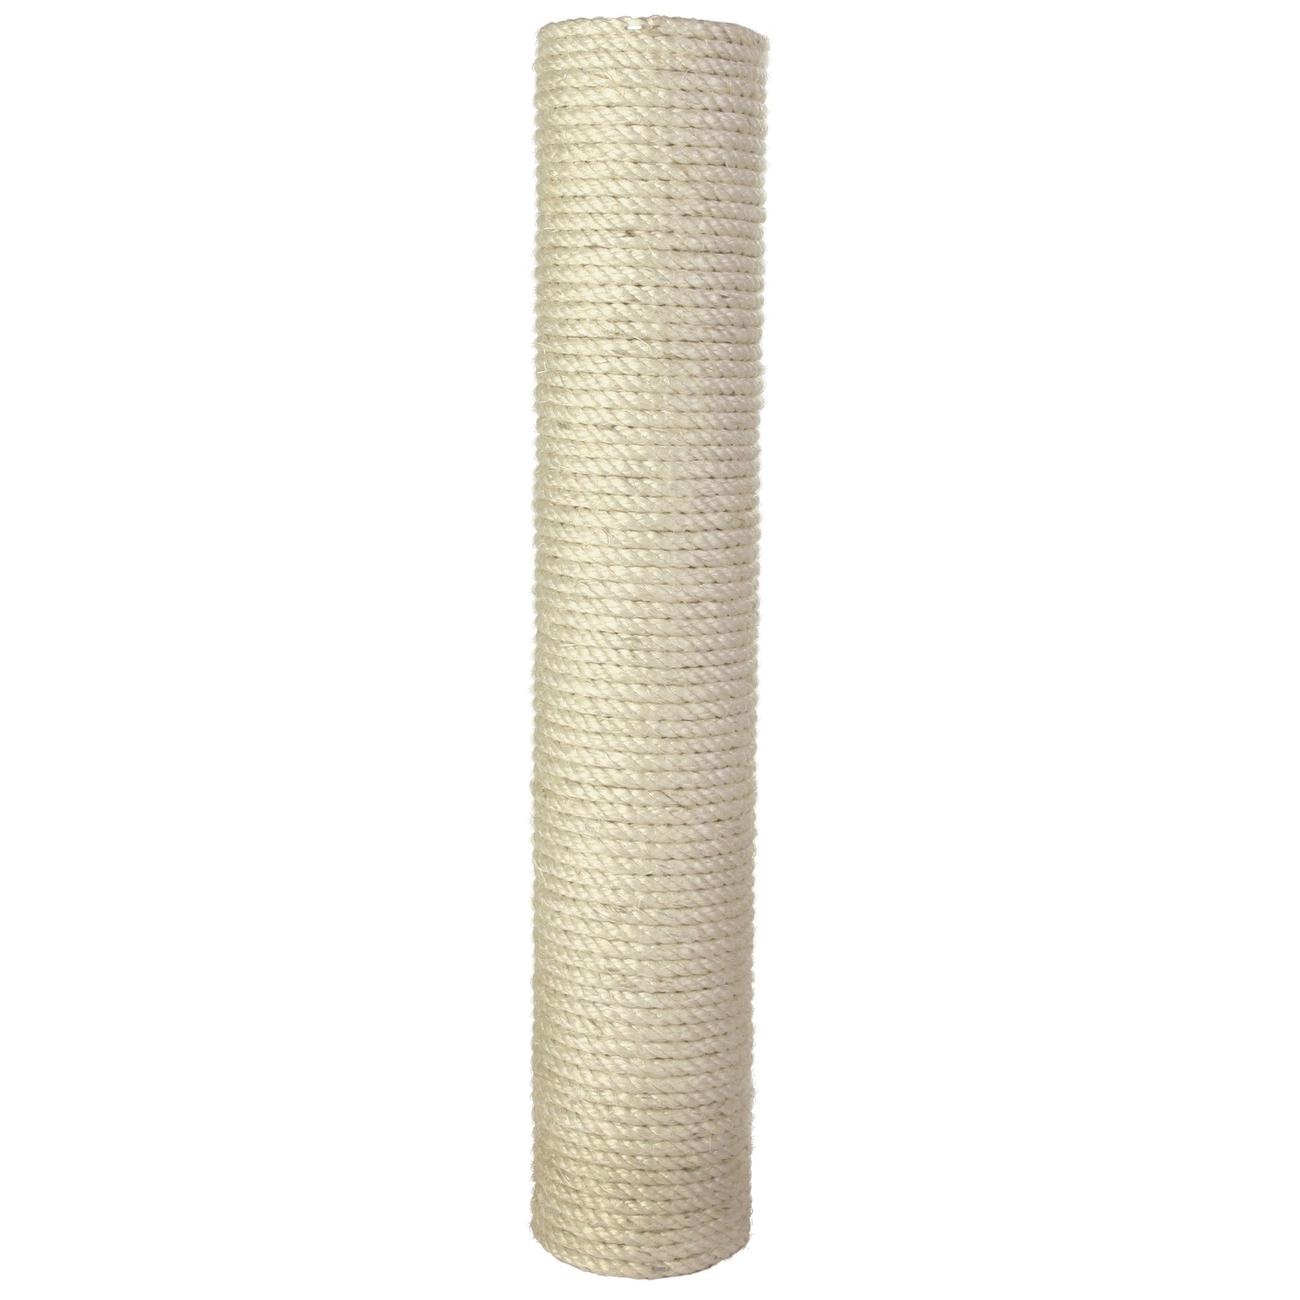 TRIXIE Ersatzstamm für Kratzbaum dick M10 44000, Bild 3